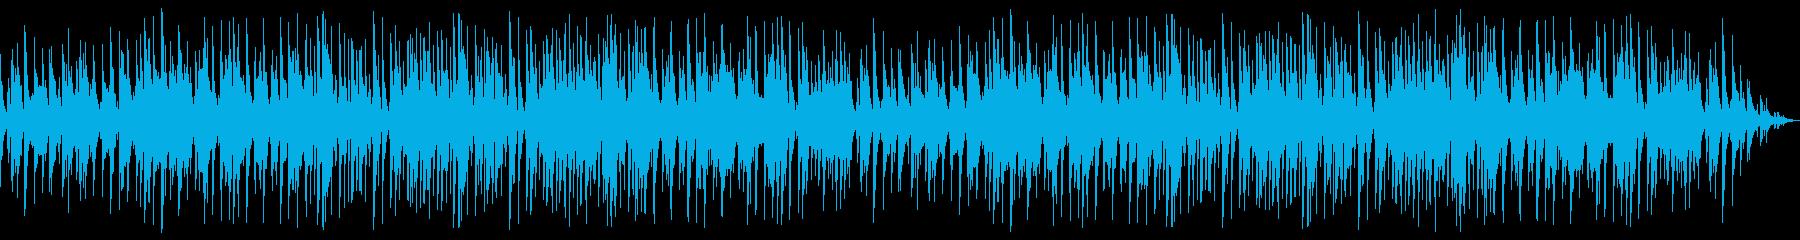 大人な雰囲気のピアノジャズの再生済みの波形